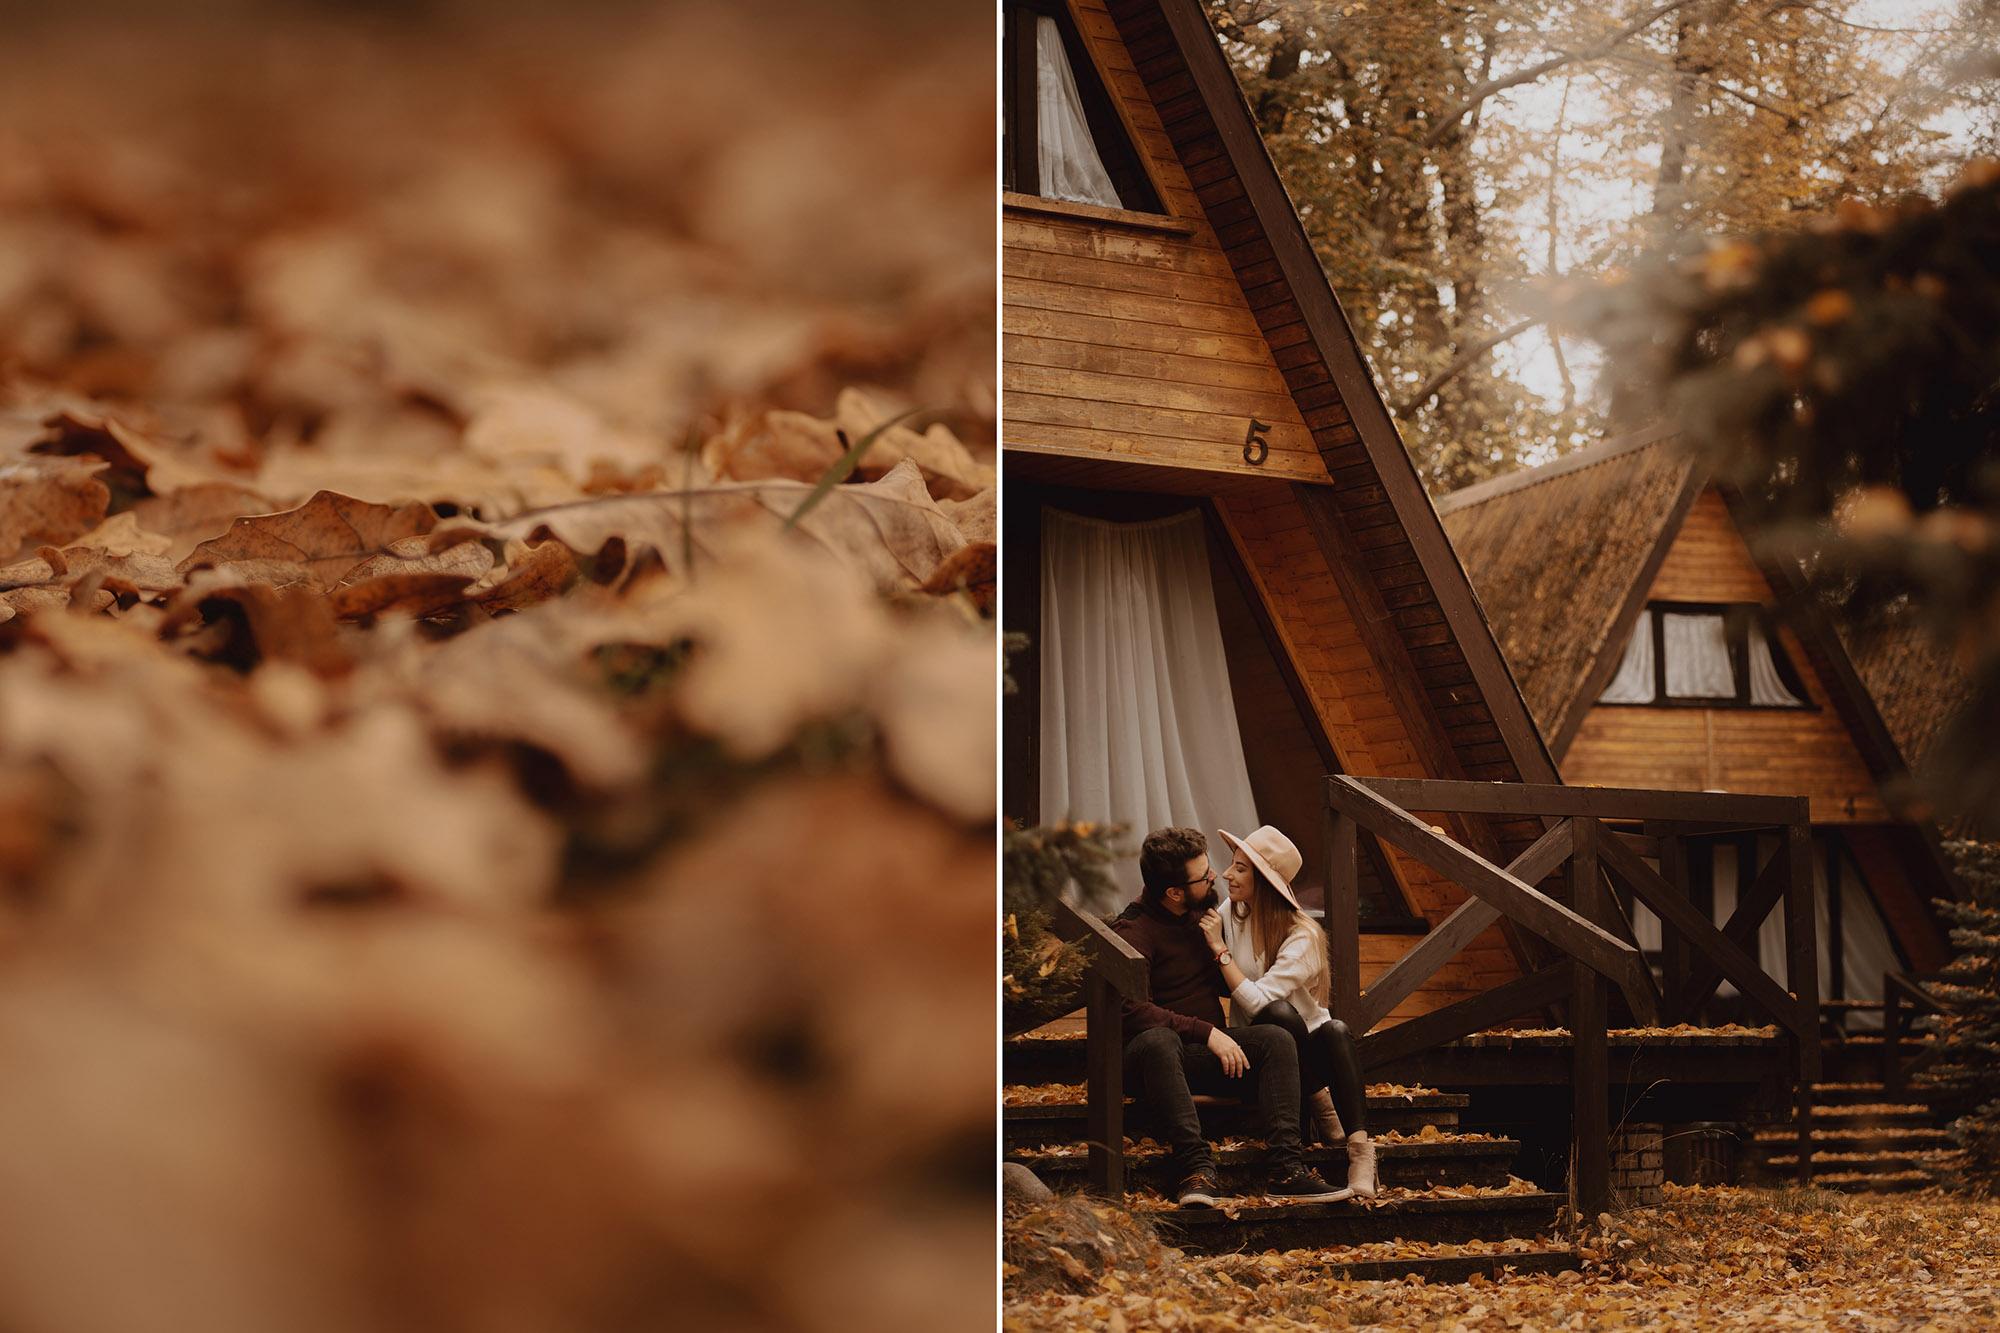 Jesienna sesja narzeczenska00015 - Jesienna sesja narzeczeńska